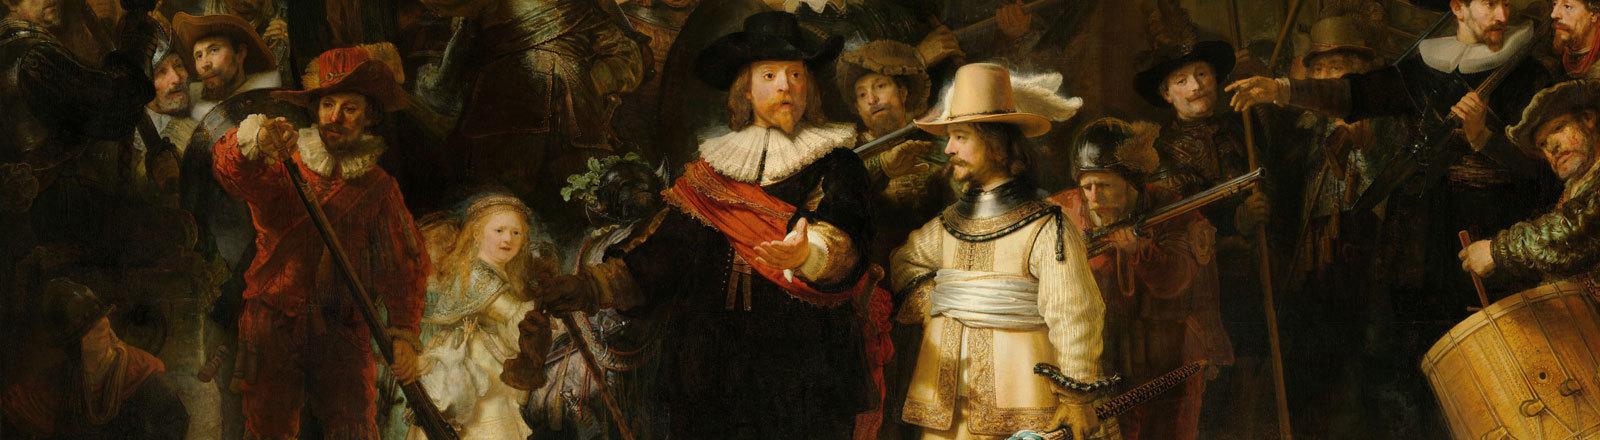 """Gemälde """"Die Nachtwache"""" des Malers Rembrandt"""